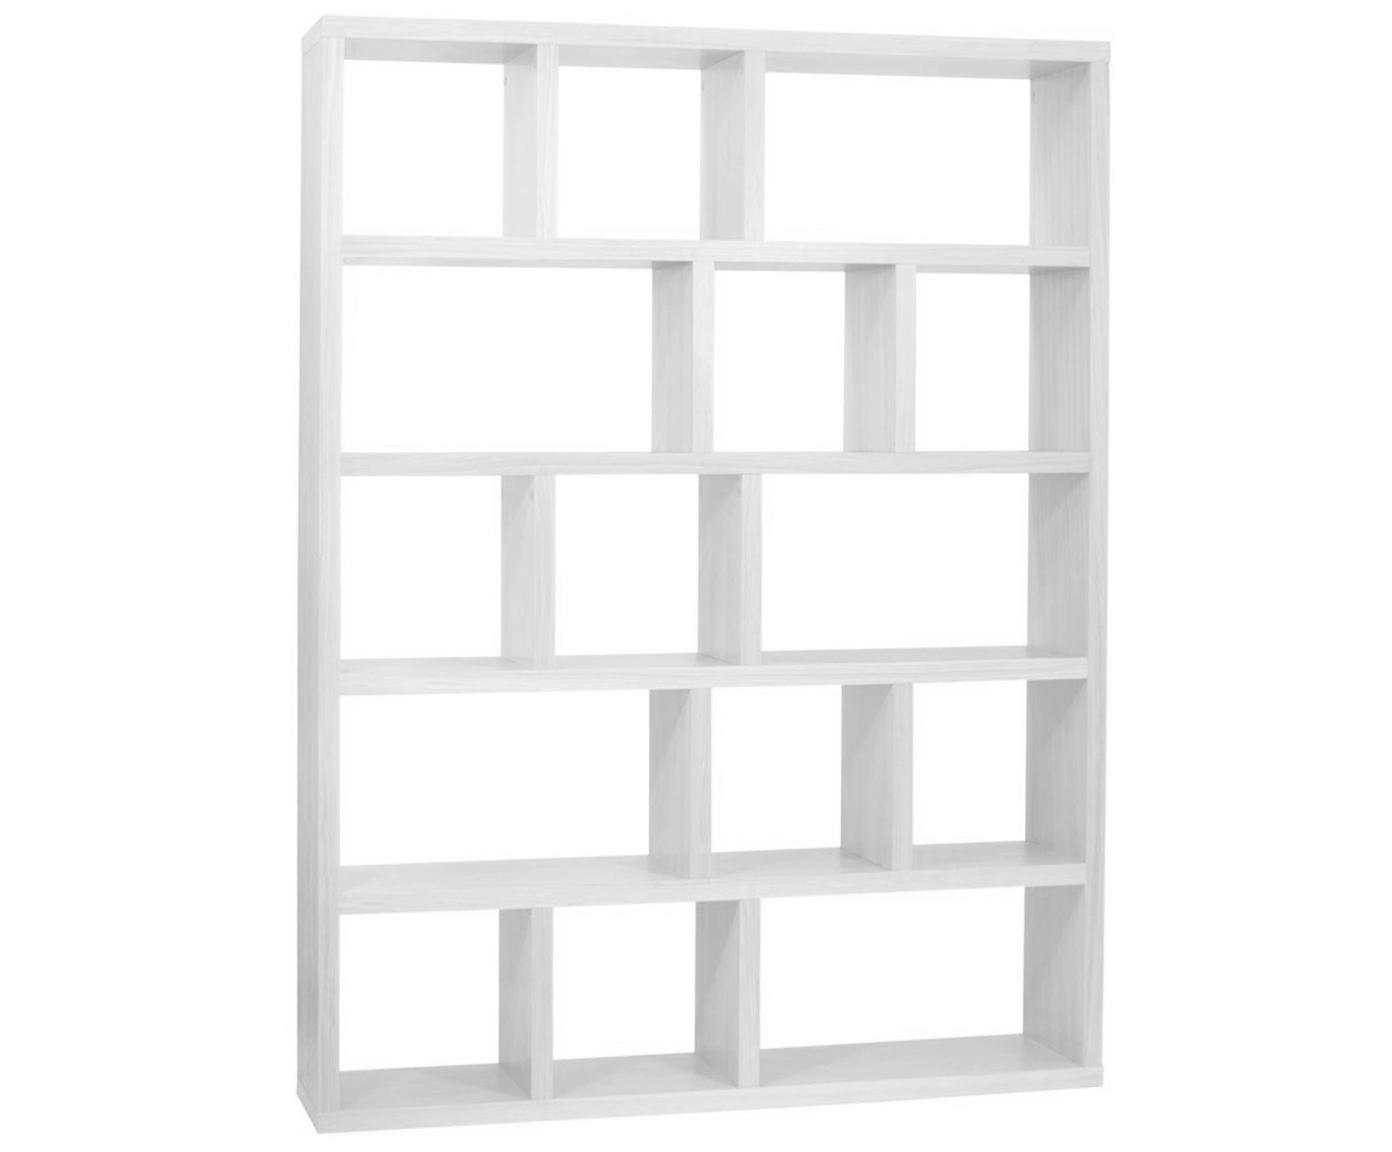 Weißes Bücherregal Portlyn aus Holz, Oberfläche: Melaminschicht., Weiß, matt, 150 x 198 cm